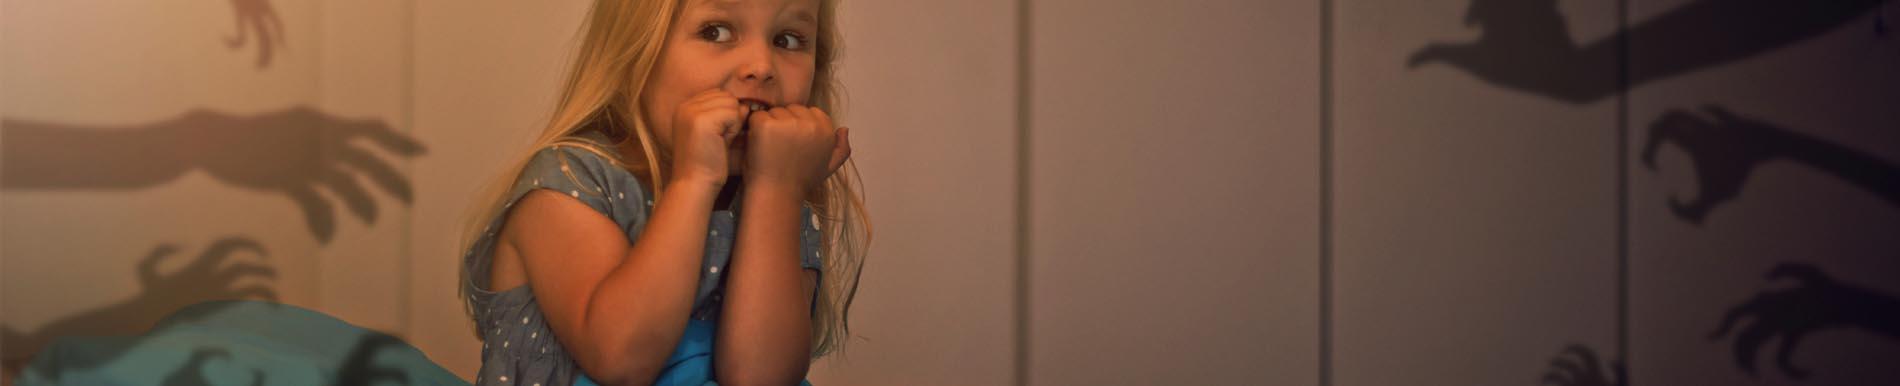 https://www.healthychildren.org/SiteCollectionImage-Homepage-Banners/nightmares_preschool_banner.jpg